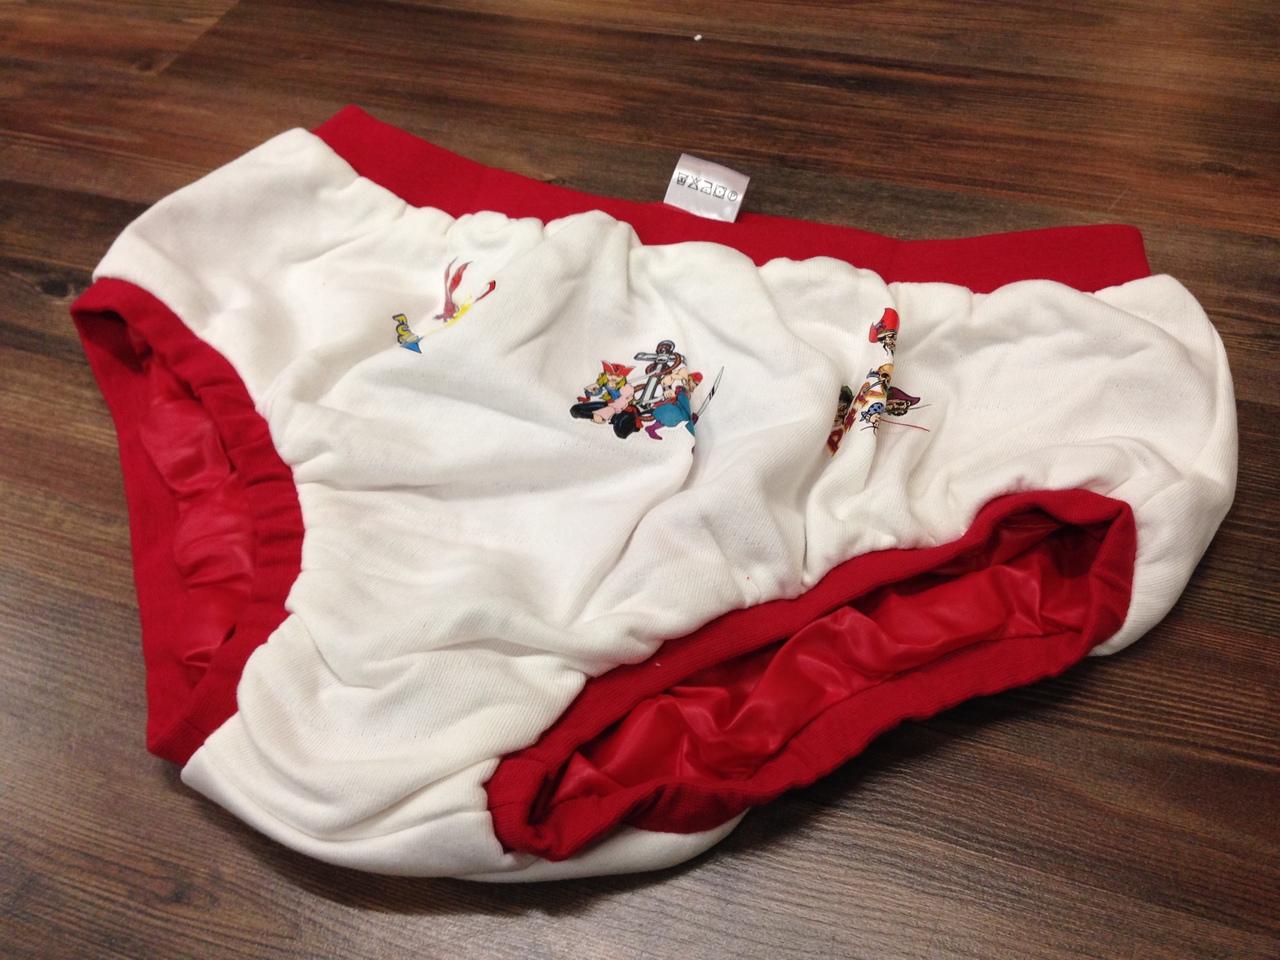 nylon coated adult diaper pants